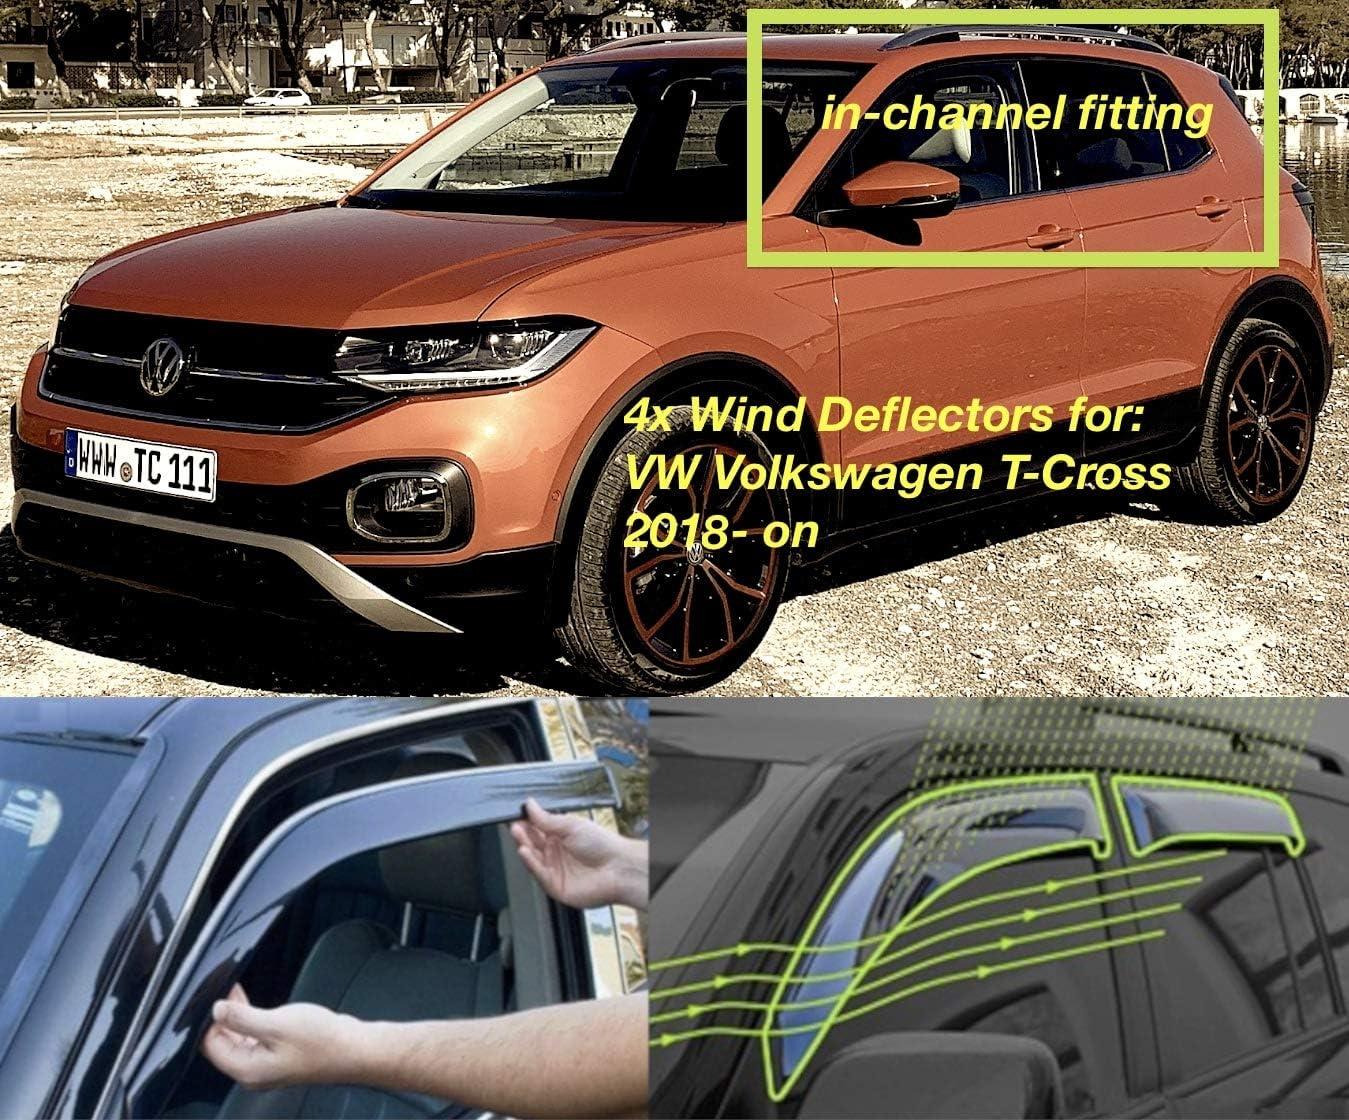 Set Mit 4 Windabweisern Für Vw Volkswagen T Cross 2018 2019 2020 2021 2022 Seitentür Fenster Regenschutz Sonnenblende Acrylglas Pmma Auto